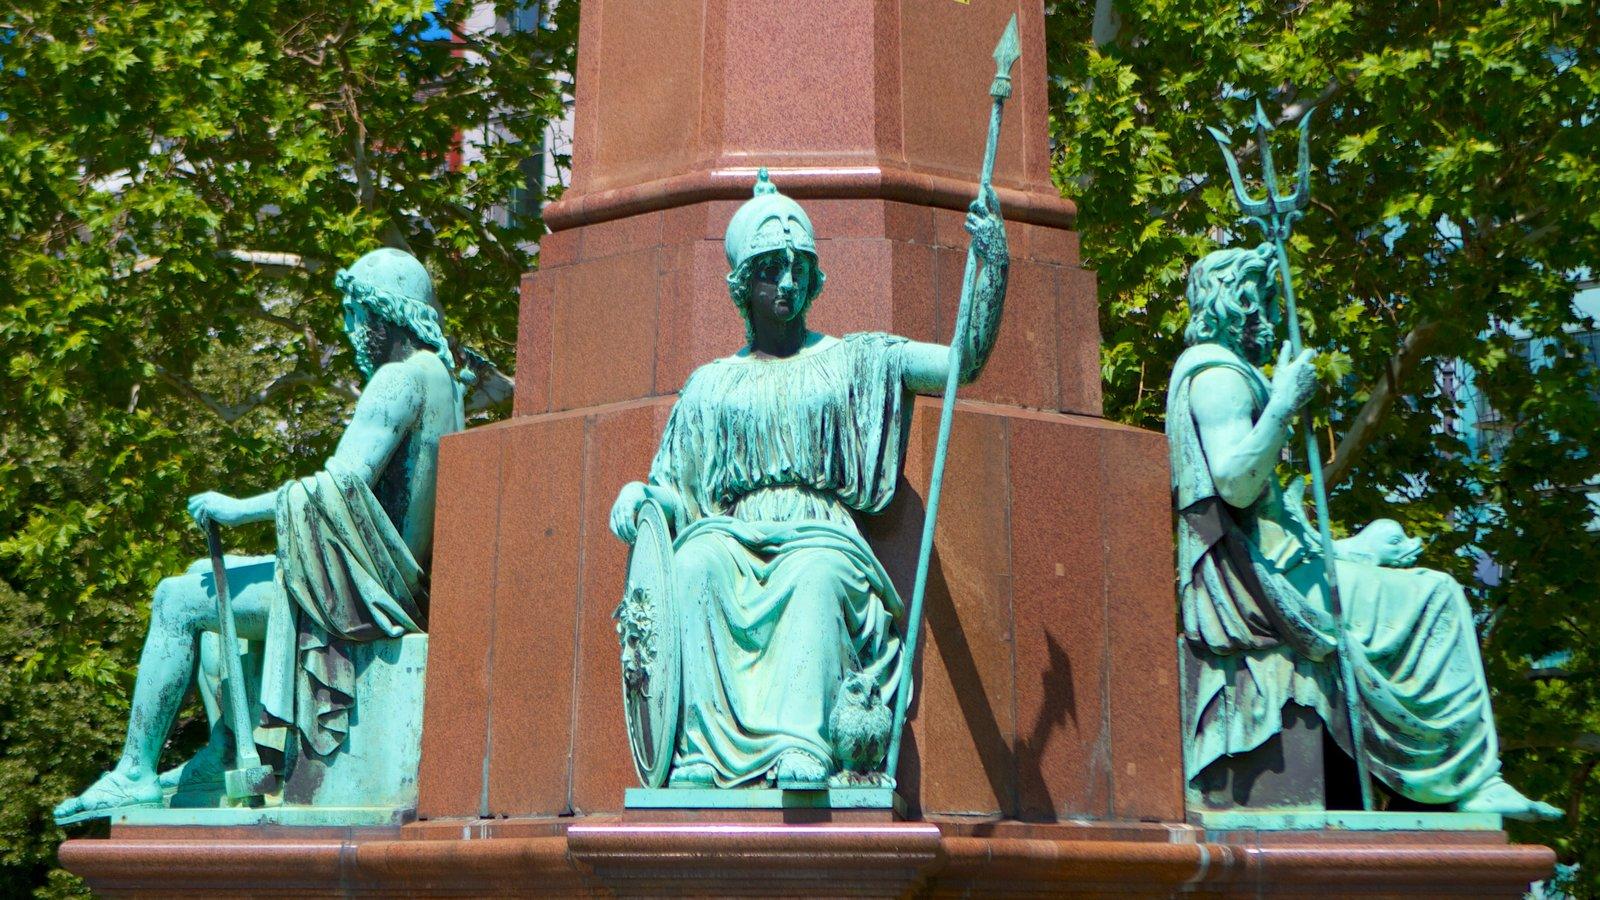 Széchenyi István tér mostrando uma estátua ou escultura, uma praça ou plaza e um monumento